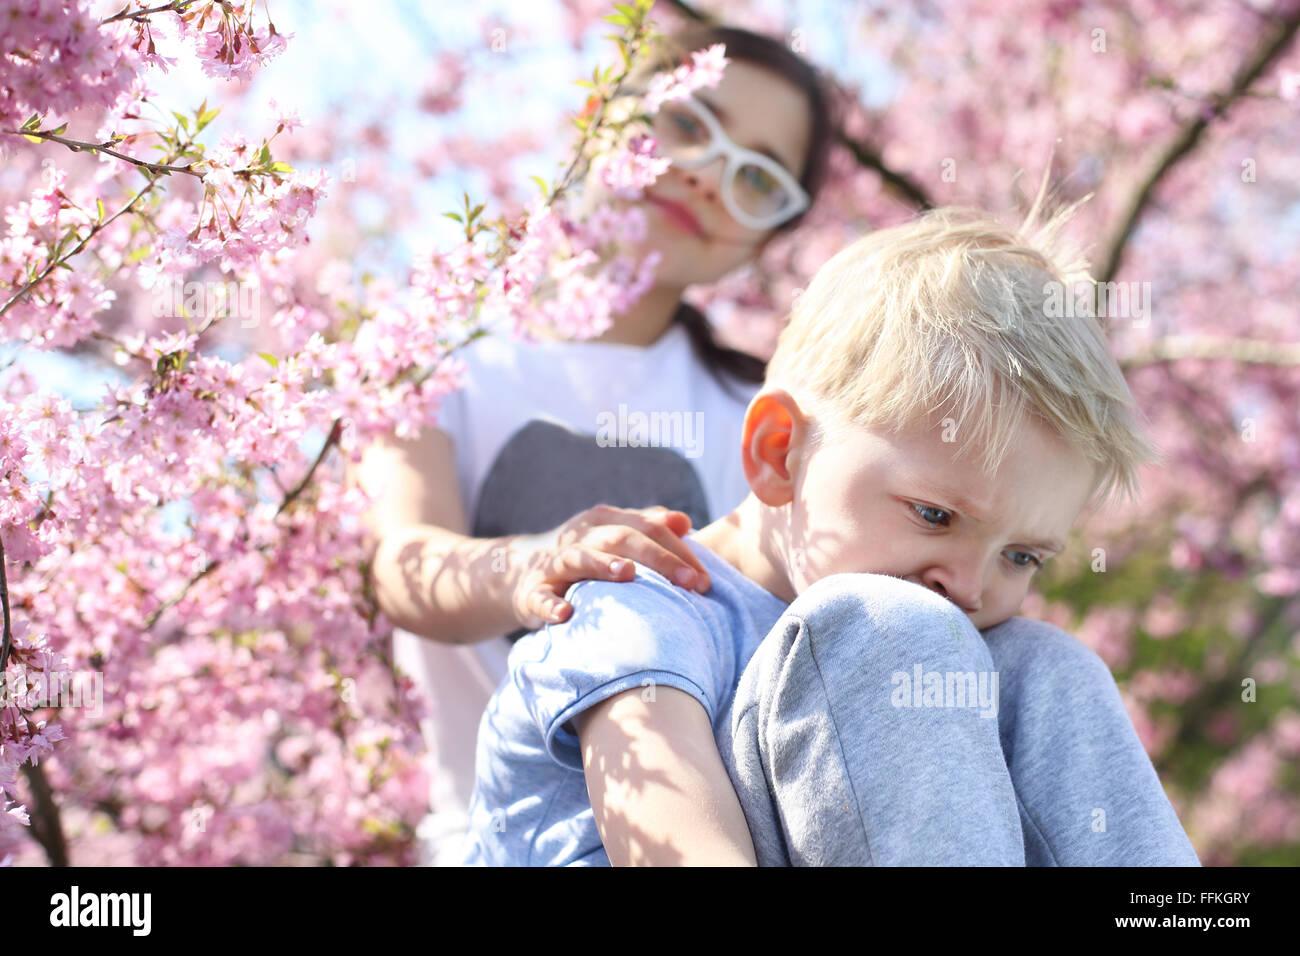 Tenere la testa in alto, sarà bene!. Bambini seduti sotto un albero in fiore, suor confortati dal fratello Immagini Stock